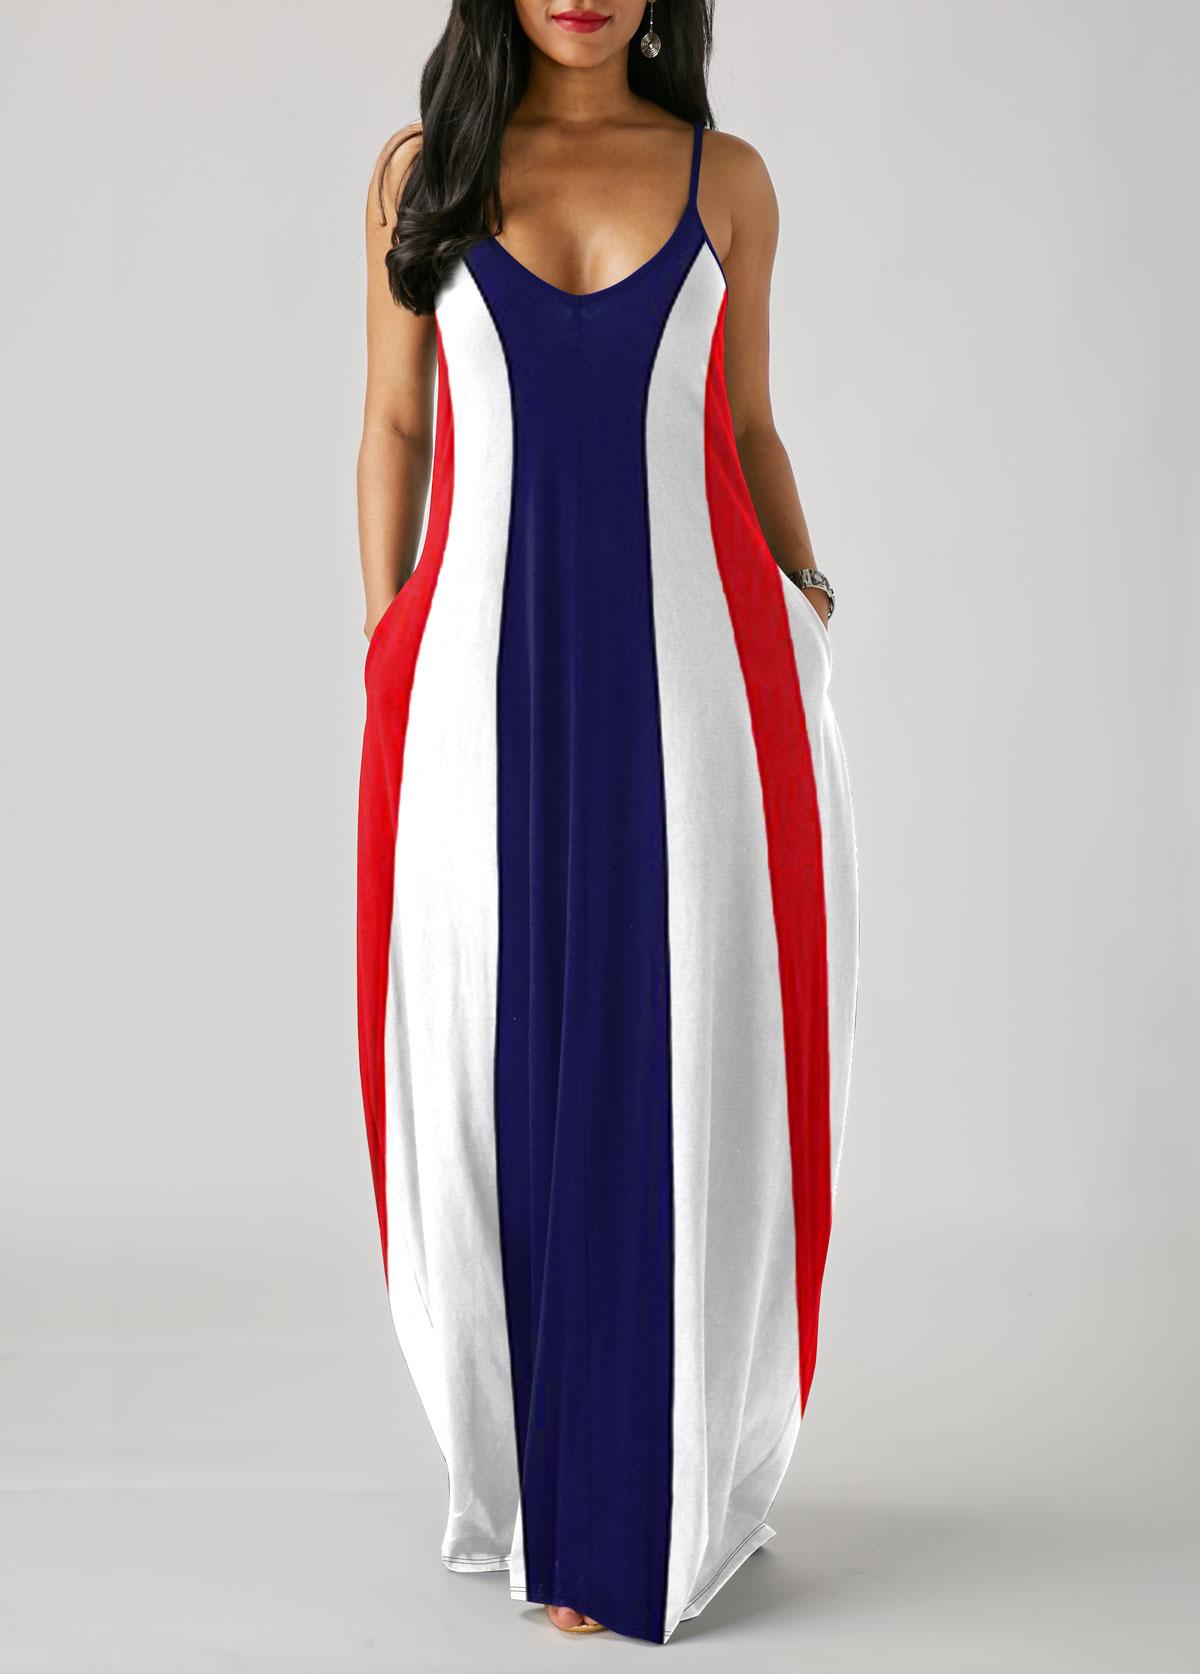 Color Block Printed Spaghetti Strap Maxi Dress